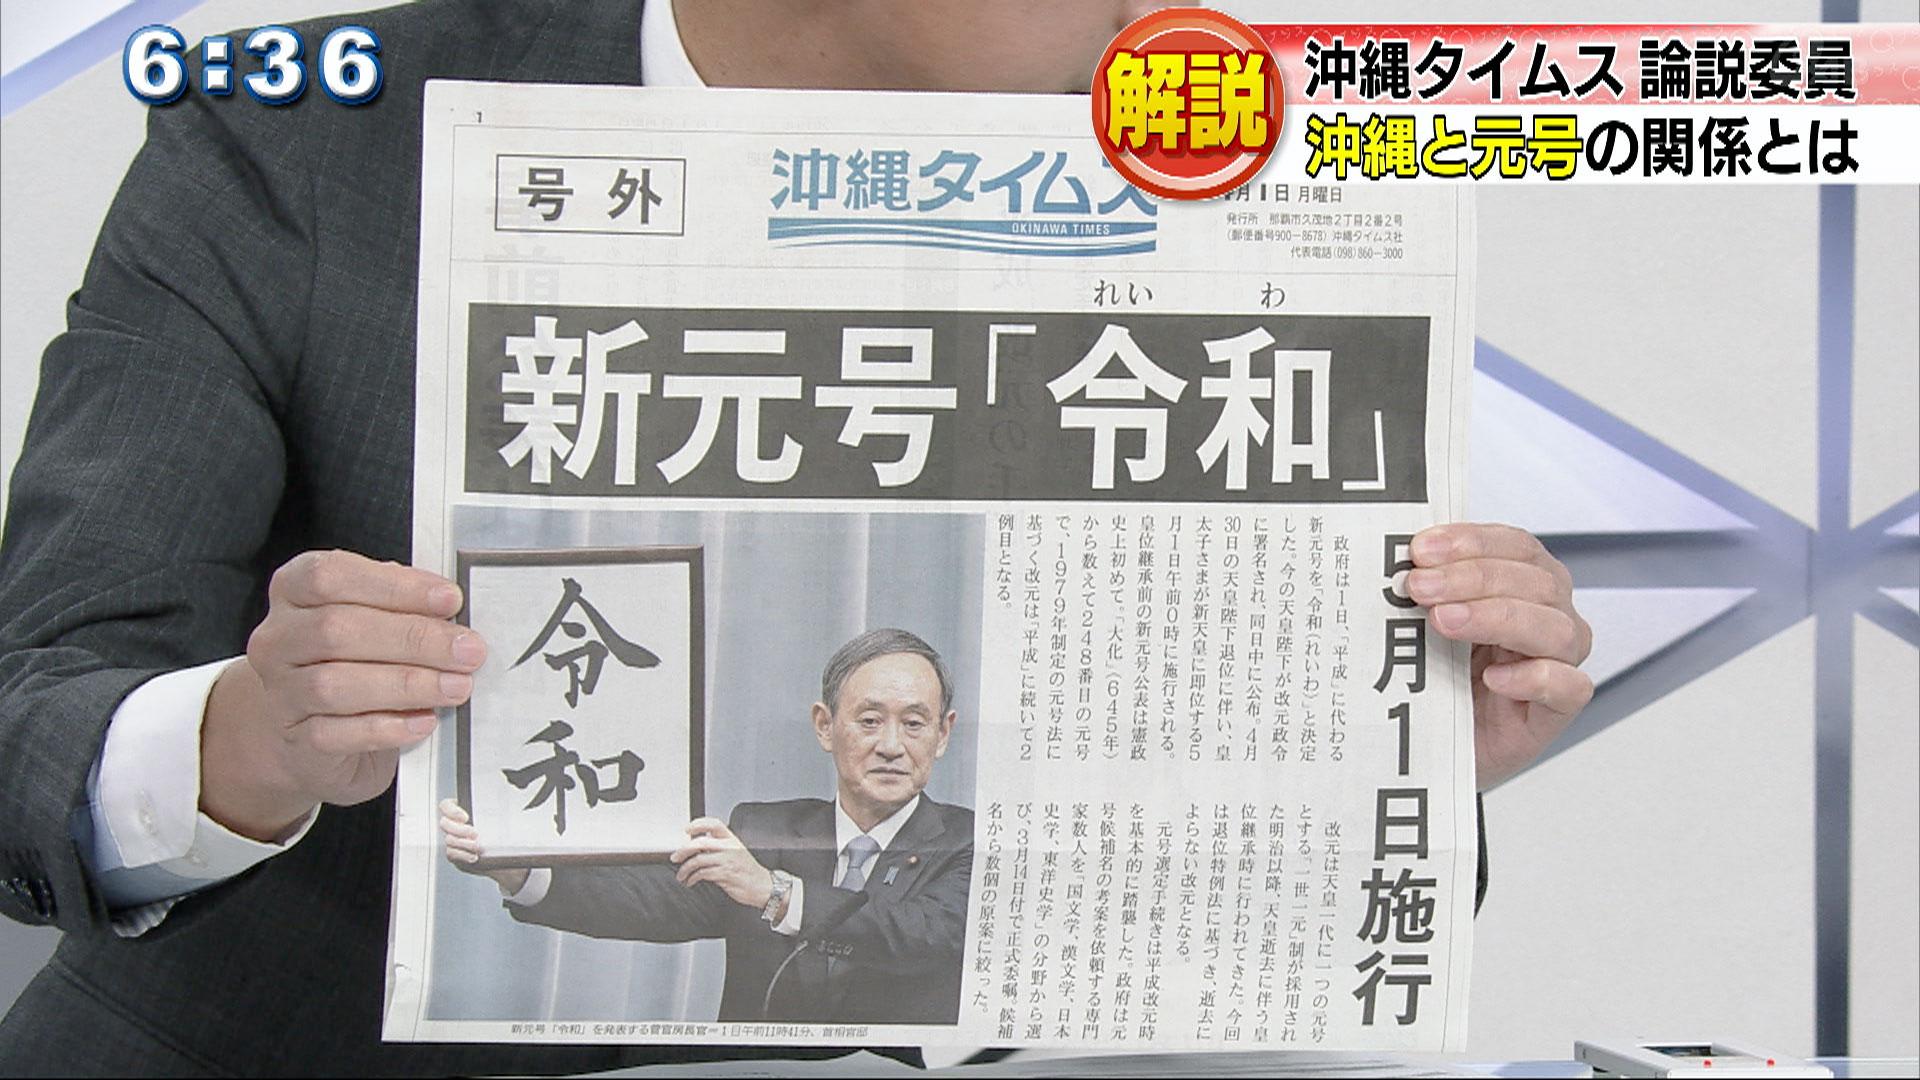 タイムス解説員 黒島美奈子さんに聞く